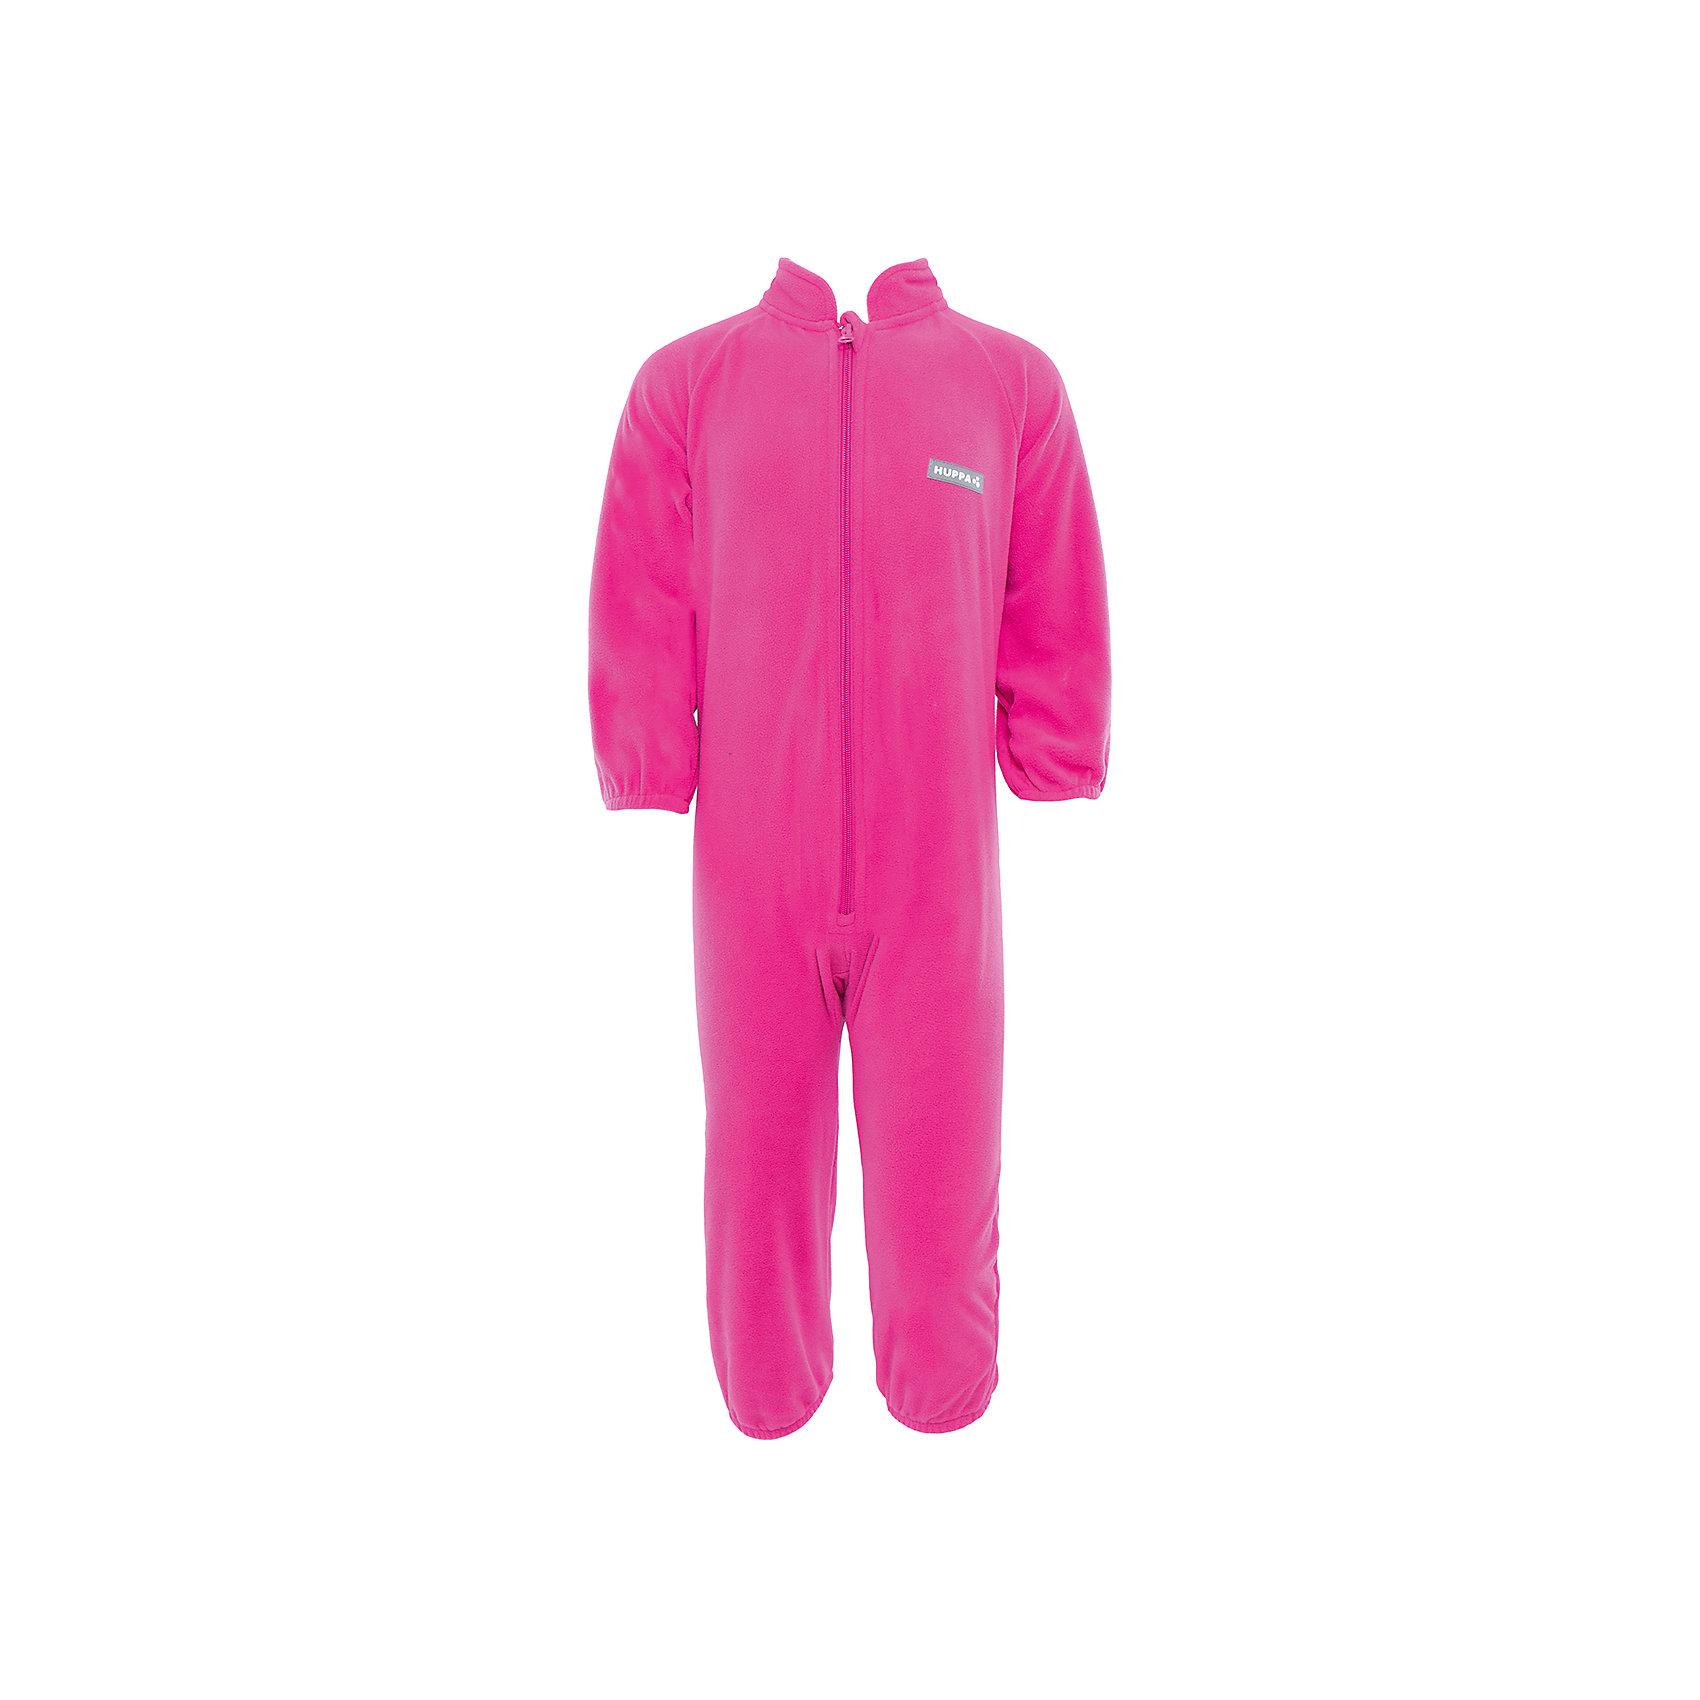 Комбинезон флисовый  HuppaФлисовый комбинезон ROLAND Huppa(Хуппа) имеет высокий воротник и застегивается на молнию. На манжетах есть резинки, надежно защищающие малыша от попадания ветра под одежду. Комбинезон достаточно теплый и отлично подойдет в качестве промежуточного слоя в одежде в зимнее время или как верхняя одежда весной-осенью.<br><br>Дополнительная информация:<br>Материал: 100% полиэстер<br>Цвет: фуксия<br><br>Флисовый комбинезон ROLAND Huppa(Хуппа) вы можете приобрести в нашем интернет-магазине.<br><br>Ширина мм: 356<br>Глубина мм: 10<br>Высота мм: 245<br>Вес г: 519<br>Цвет: розовый<br>Возраст от месяцев: 12<br>Возраст до месяцев: 18<br>Пол: Женский<br>Возраст: Детский<br>Размер: 86,80,74,116,110,104,98,92<br>SKU: 4928546